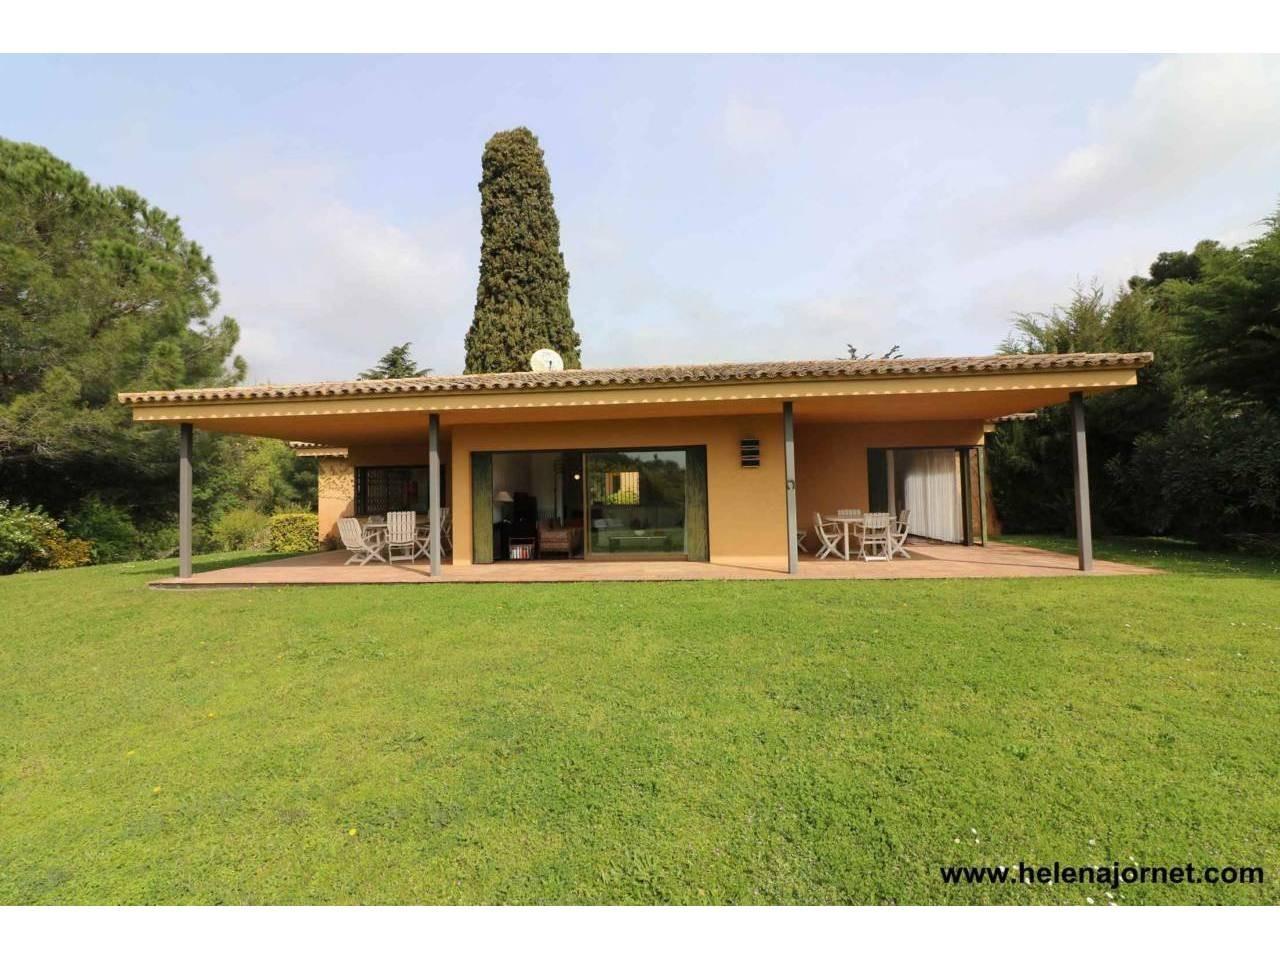 Casa con amplios espacios y un gran terreno - 3450